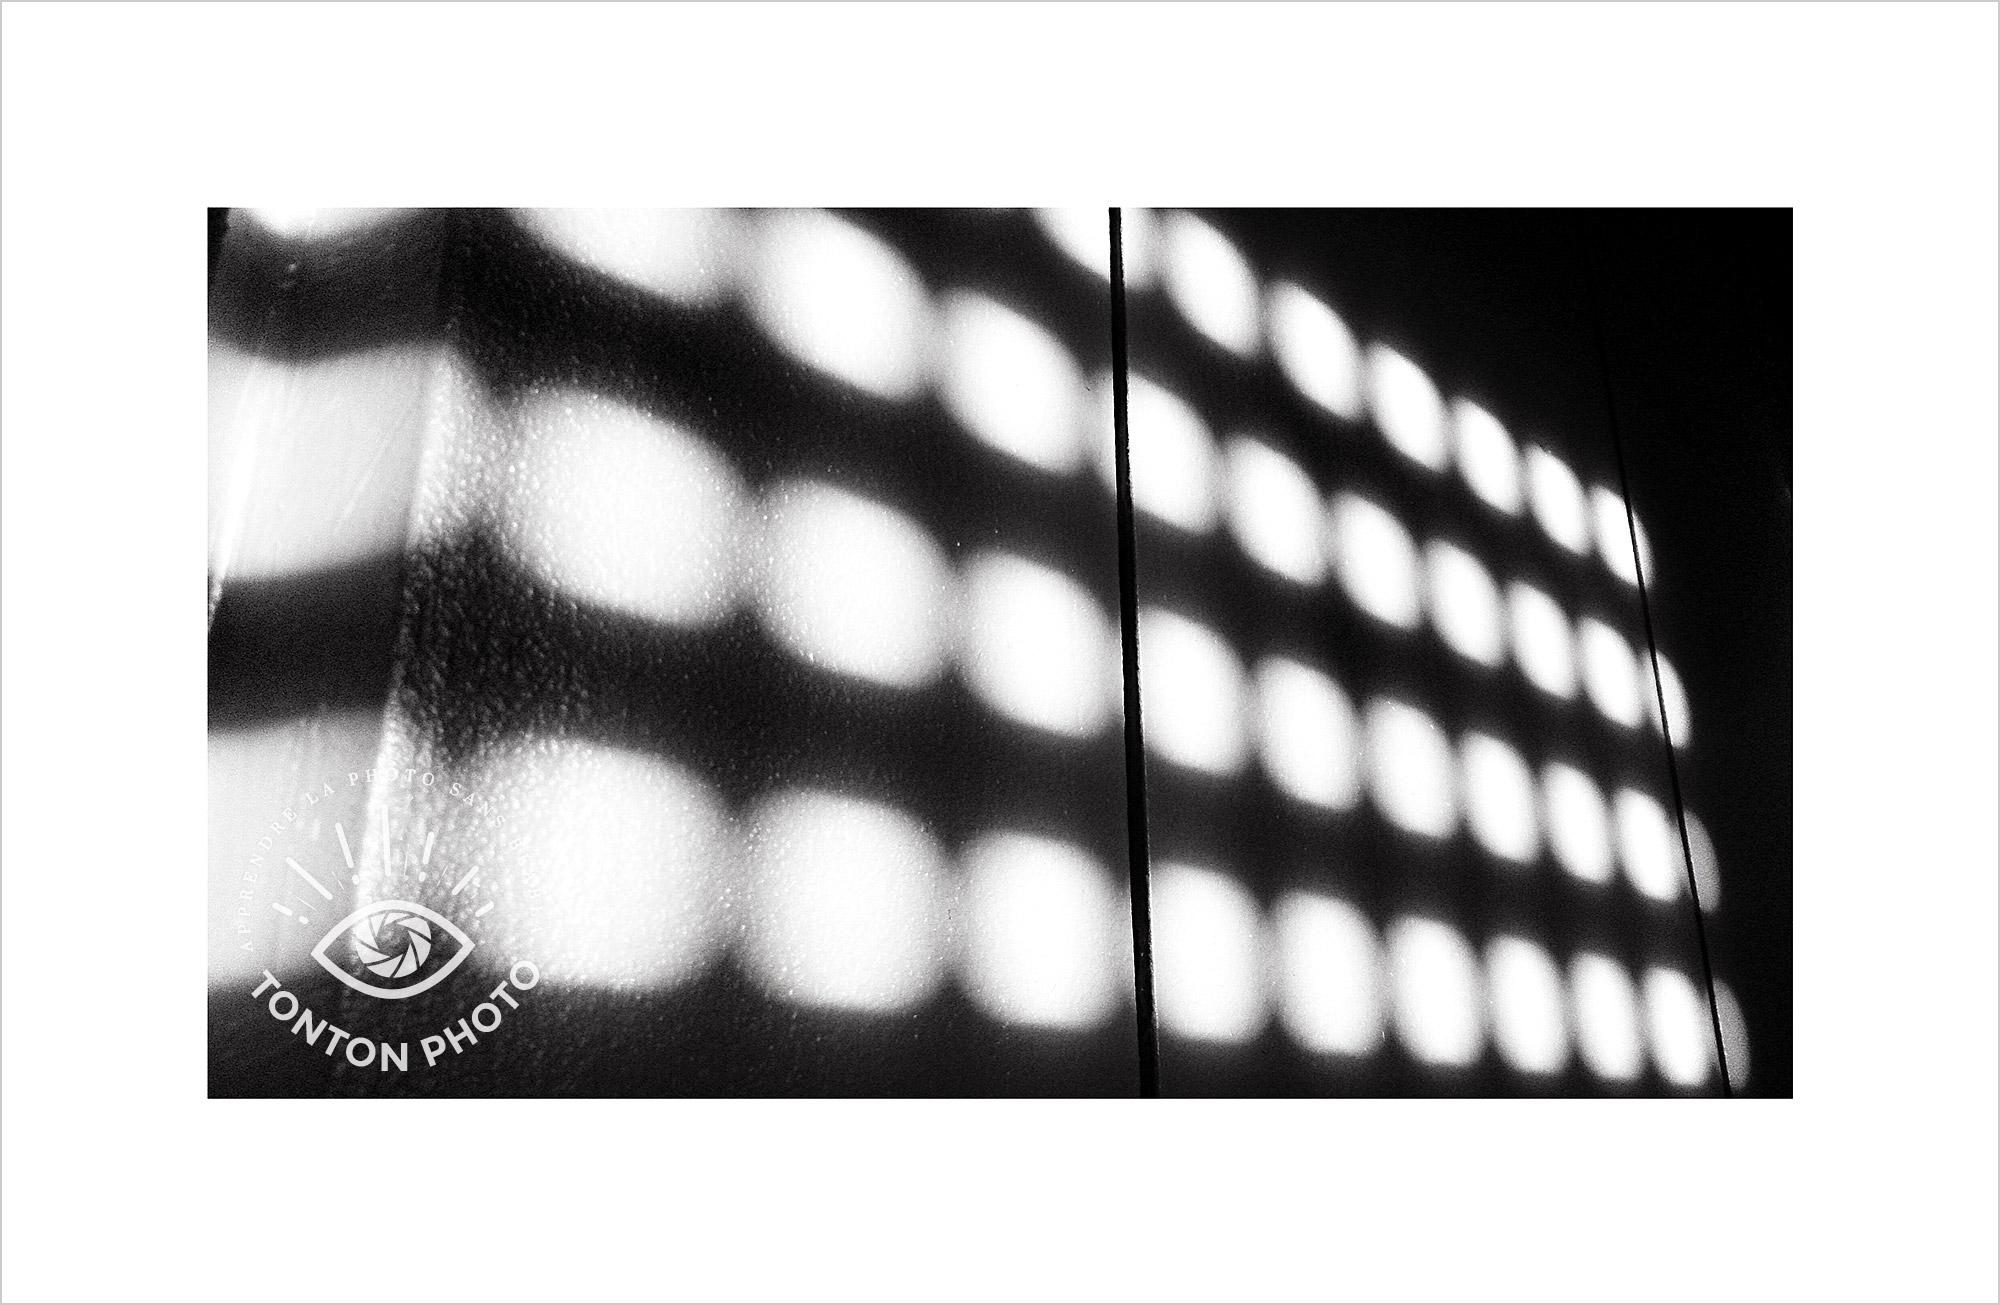 Au lever du jour, jeu d'ombre et de lumière projeté sur le mur à travers les volets de la chambre. Photo prise au smartphone LG G4 © Tonton Photo